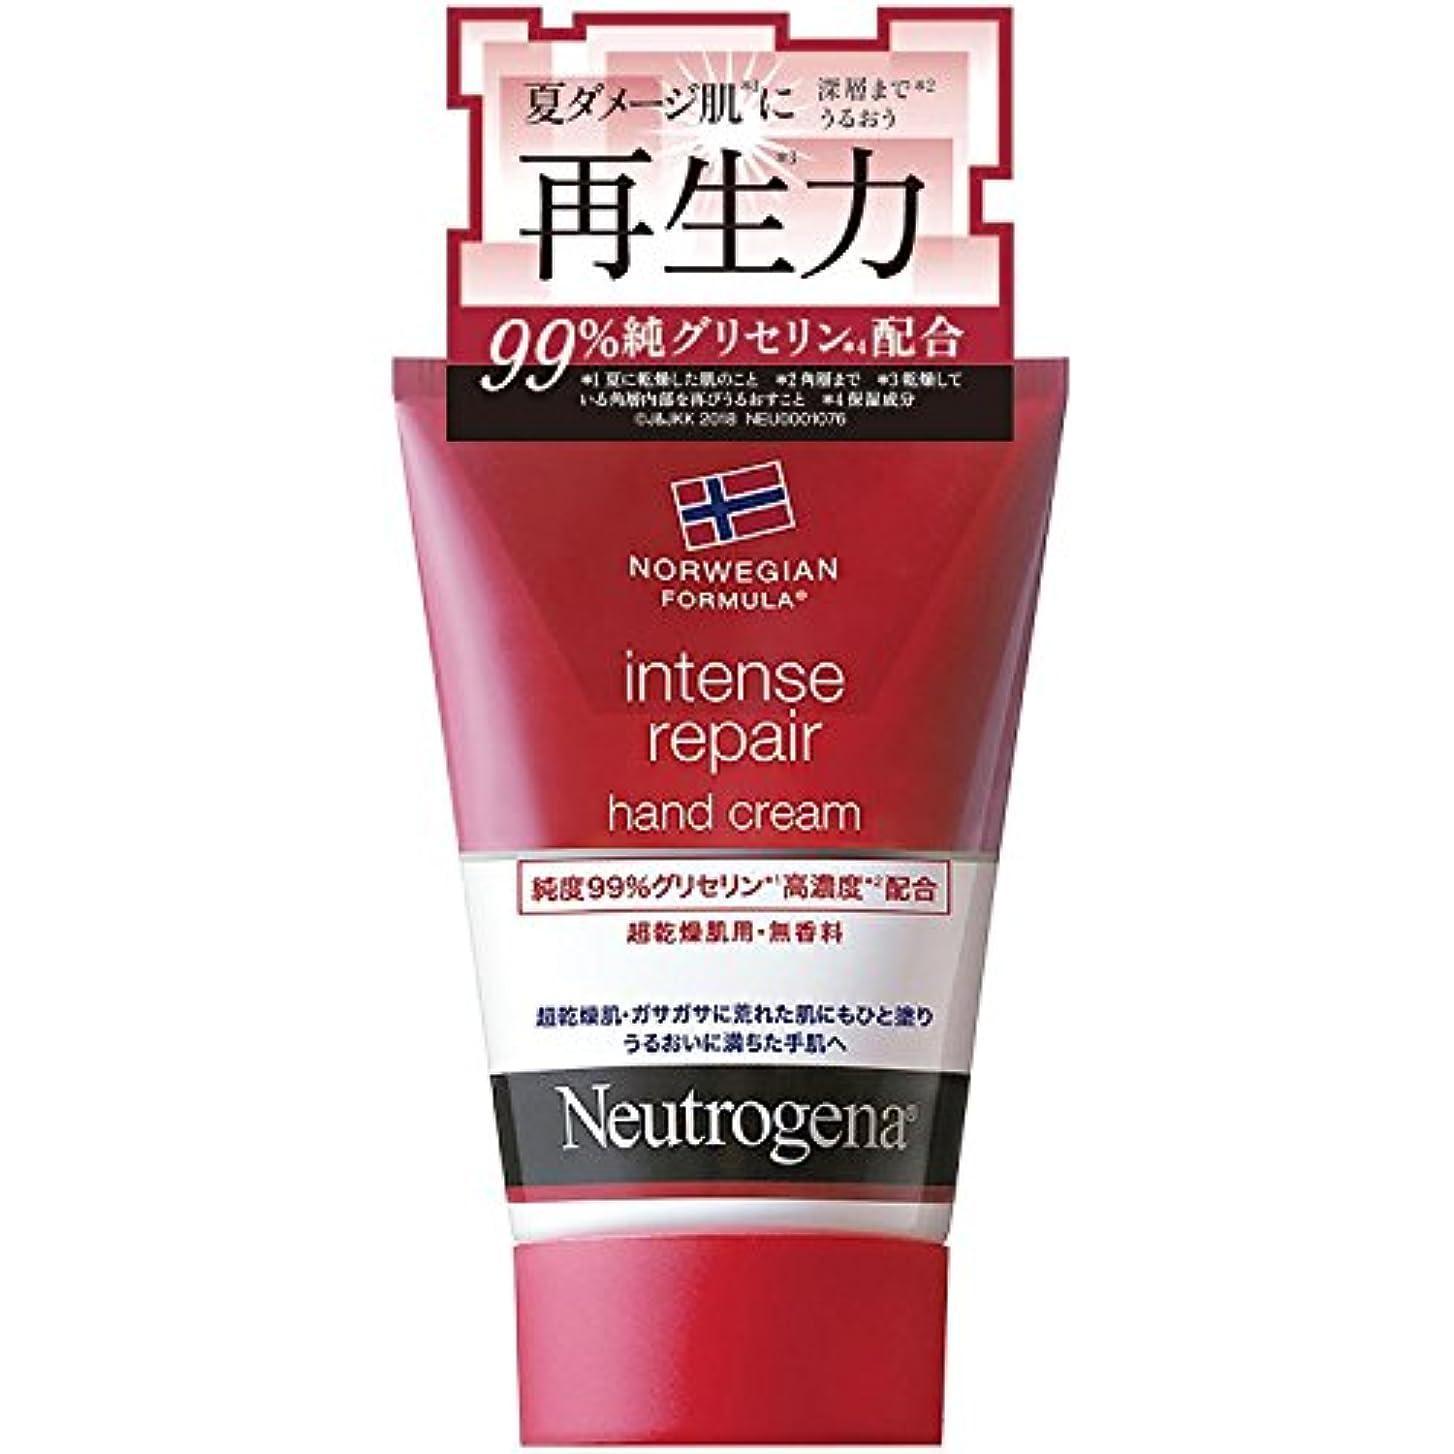 些細忌まわしい水陸両用Neutrogena(ニュートロジーナ) ノルウェーフォーミュラ インテンスリペア ハンドクリーム 超乾燥肌用 無香料 単品 50g